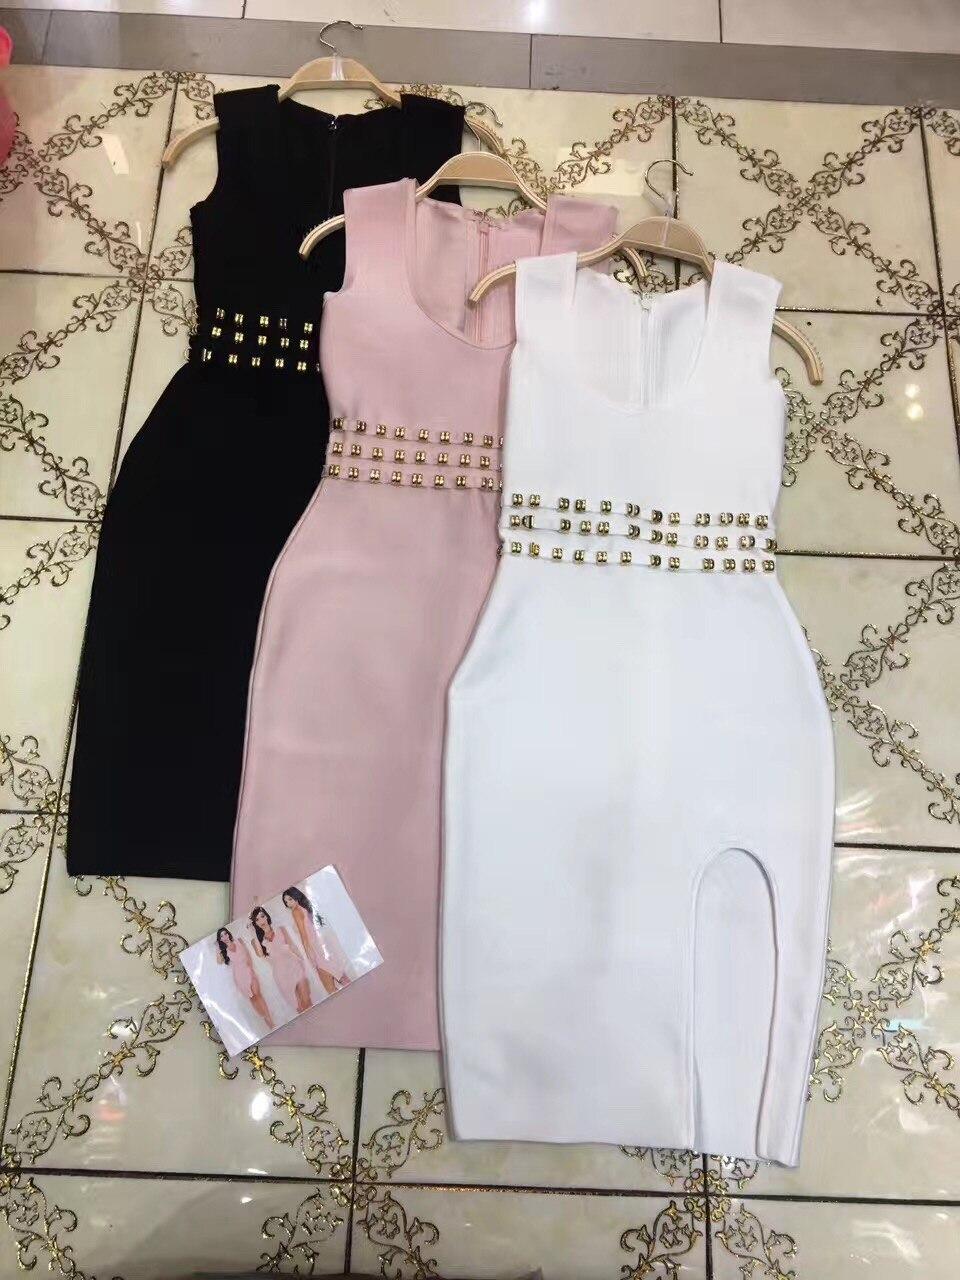 Haute Clouté Bandage Rayonne Rose Femmes Blanc Dames Découpe Moulante Manches Qualité Fond Robe Noir Sexy Sans Perle AqL35j4R